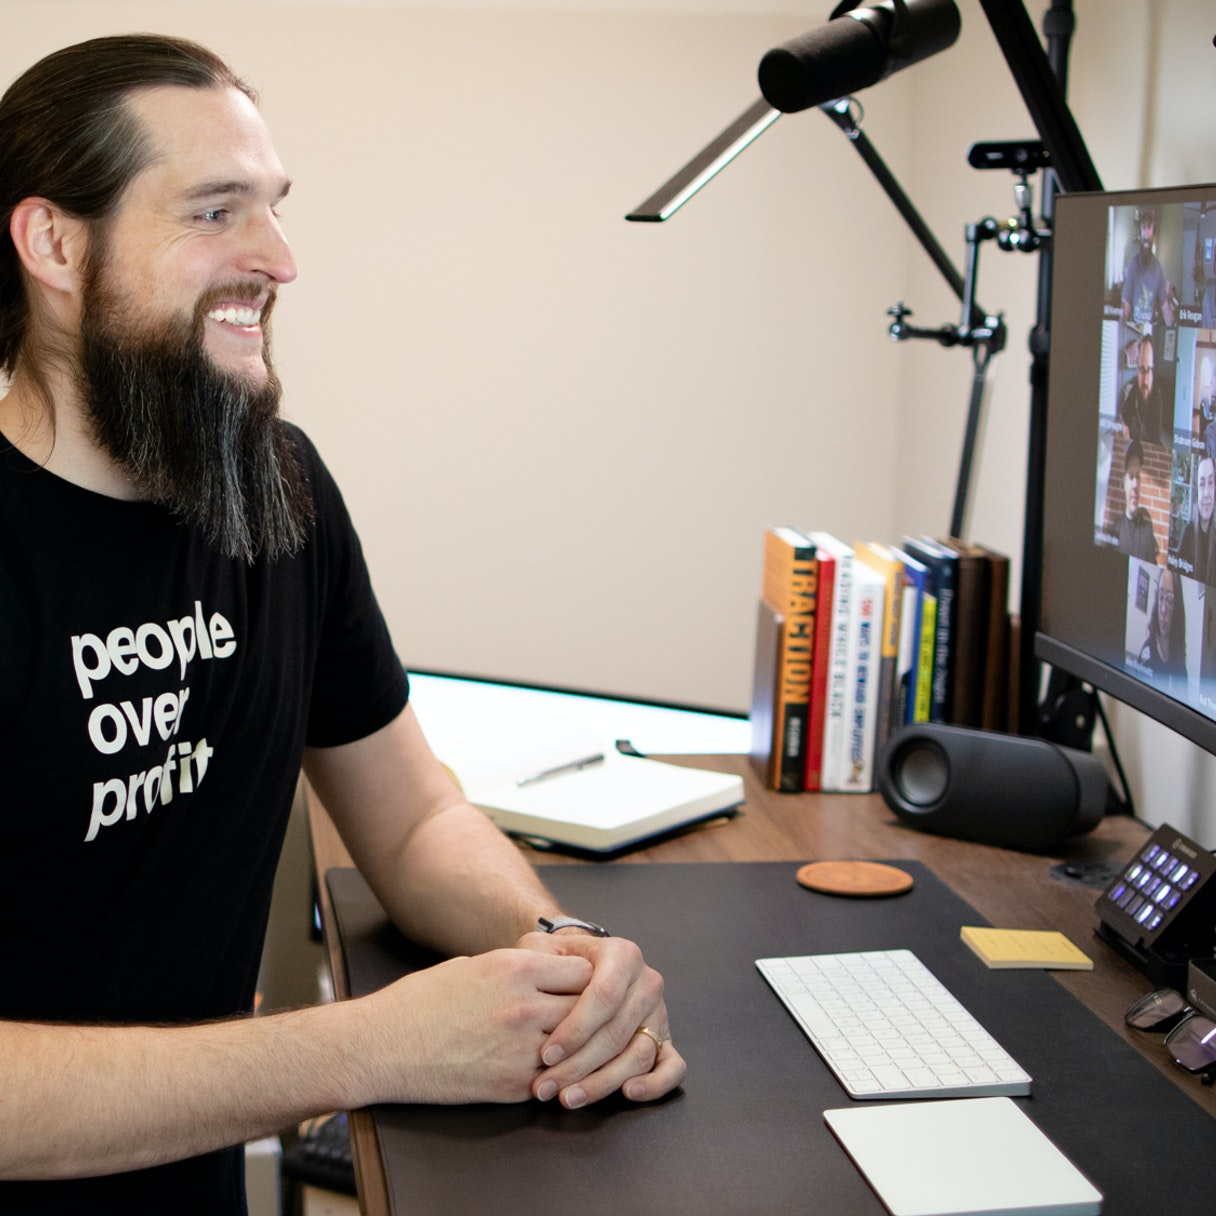 Erik office